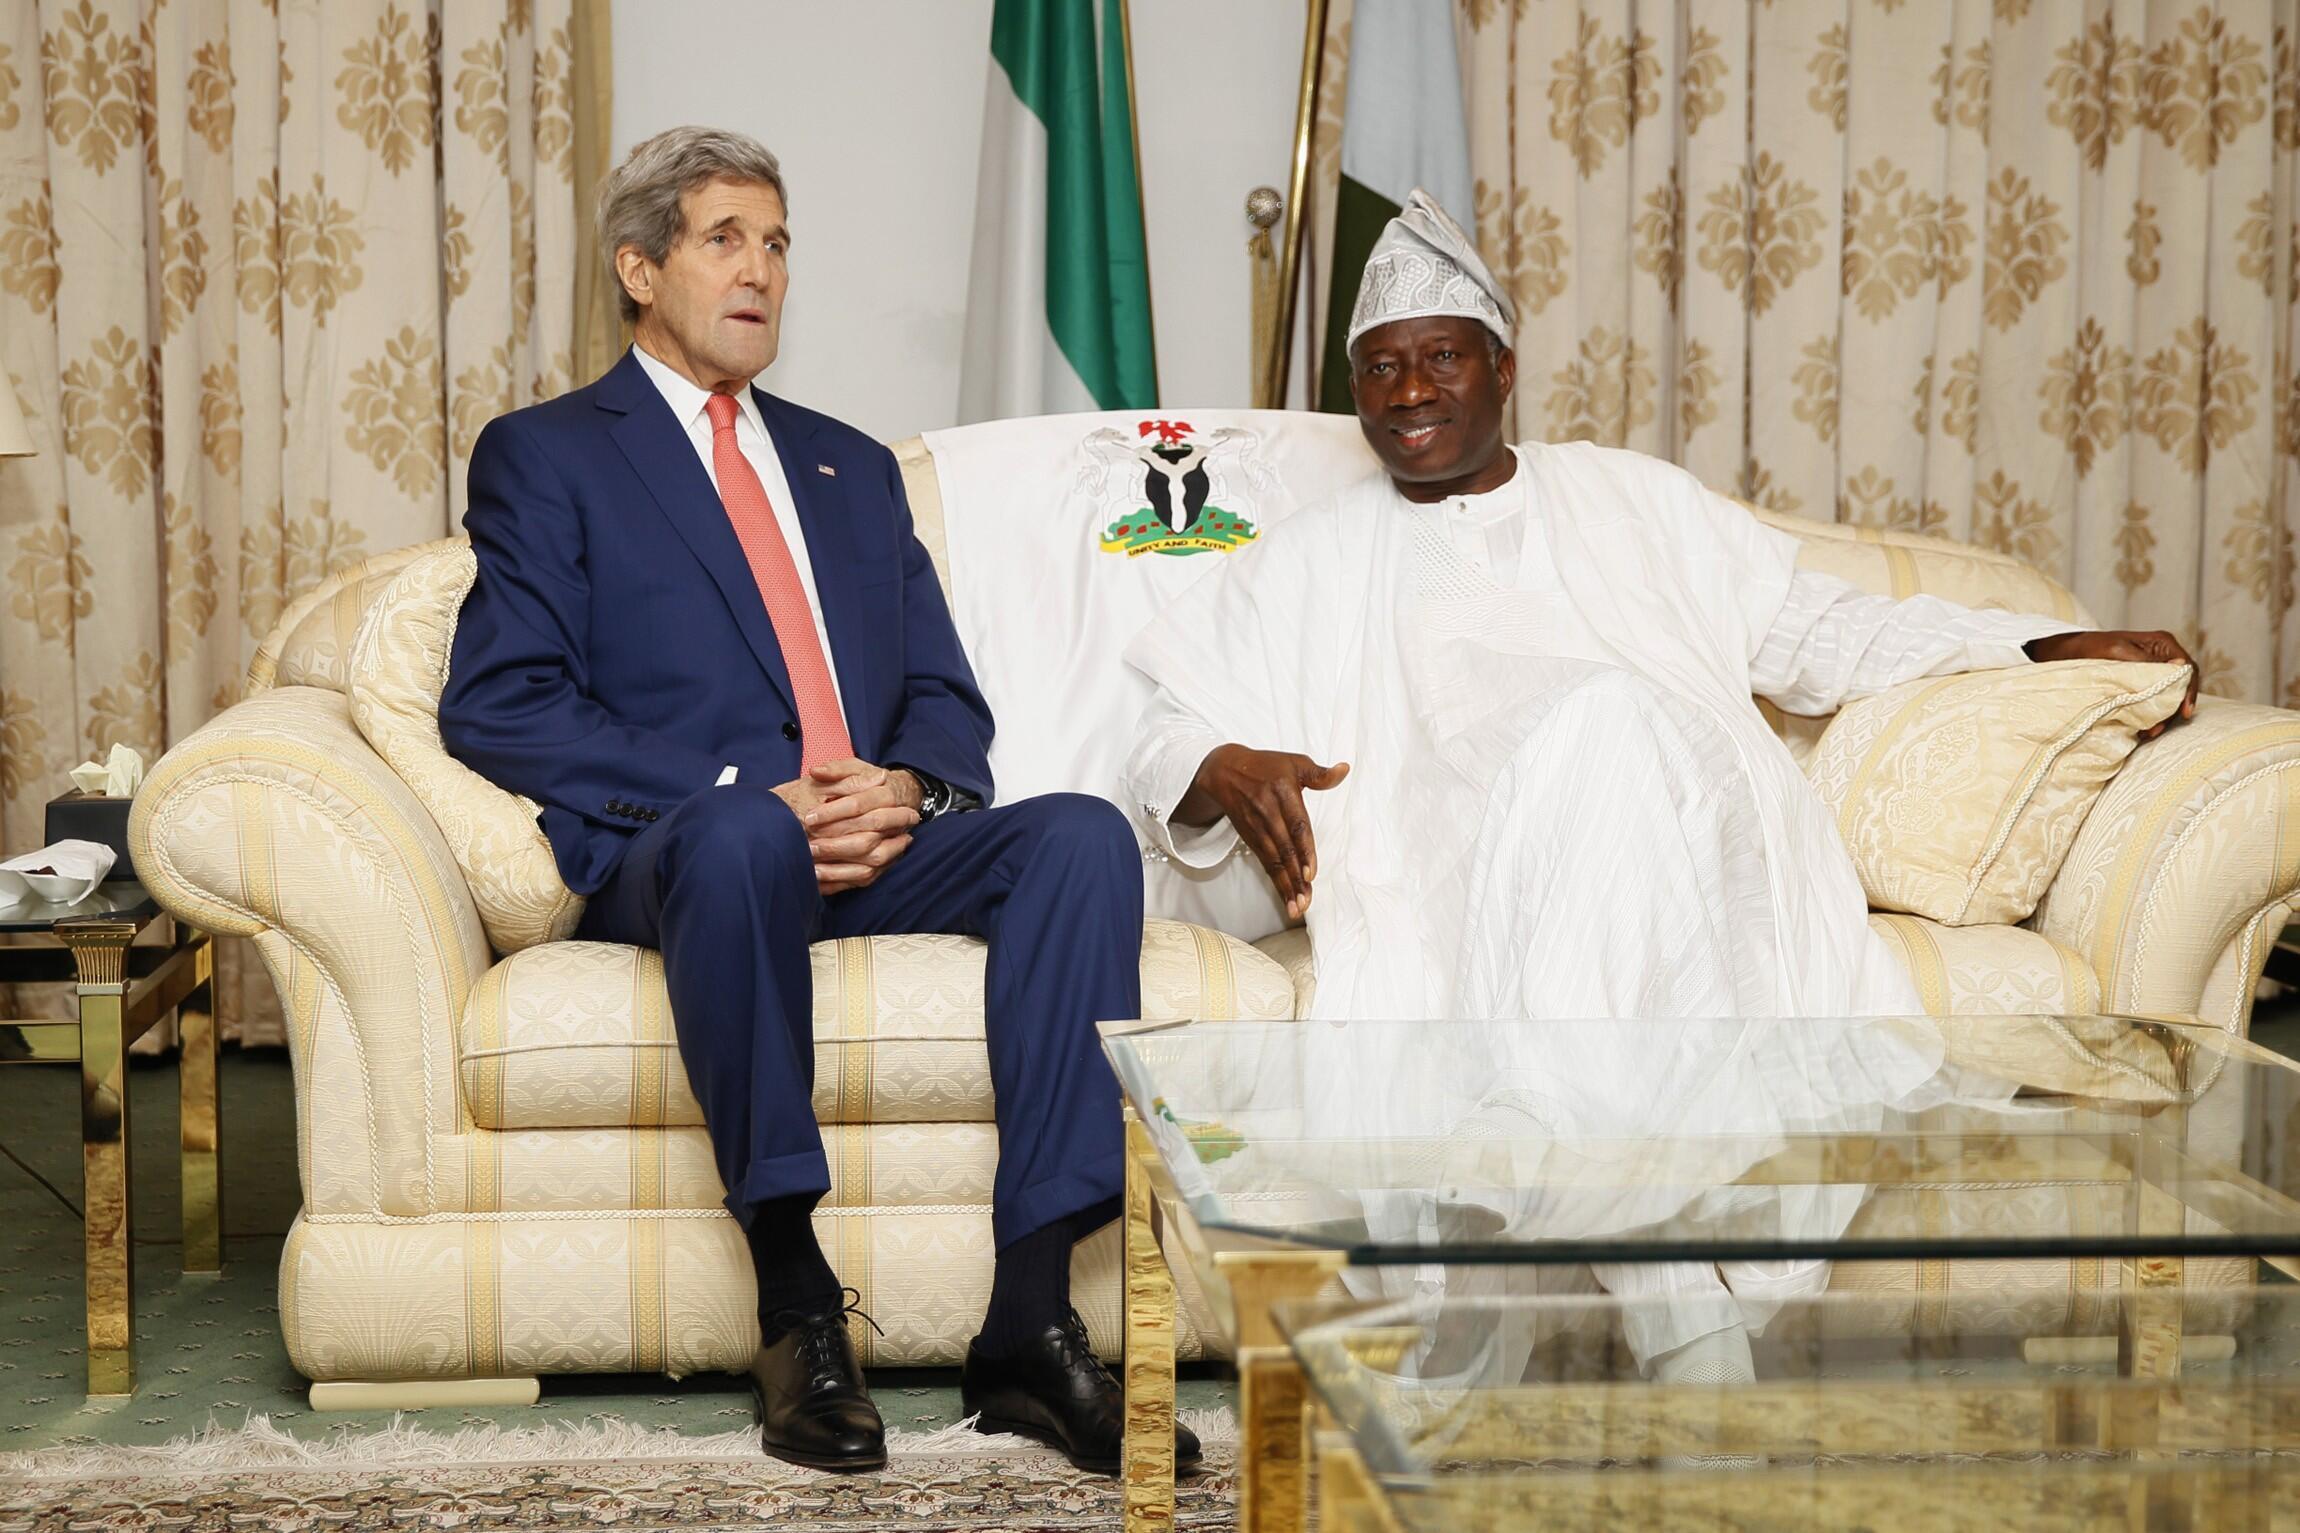 Sakataren Harakokin Wajen Amurka john Kerry yana ganawa da Shugaban Najeriya Goodluck Jonathan kuma Dan takarar Shugaban kasa a Jam'iyyar PDP